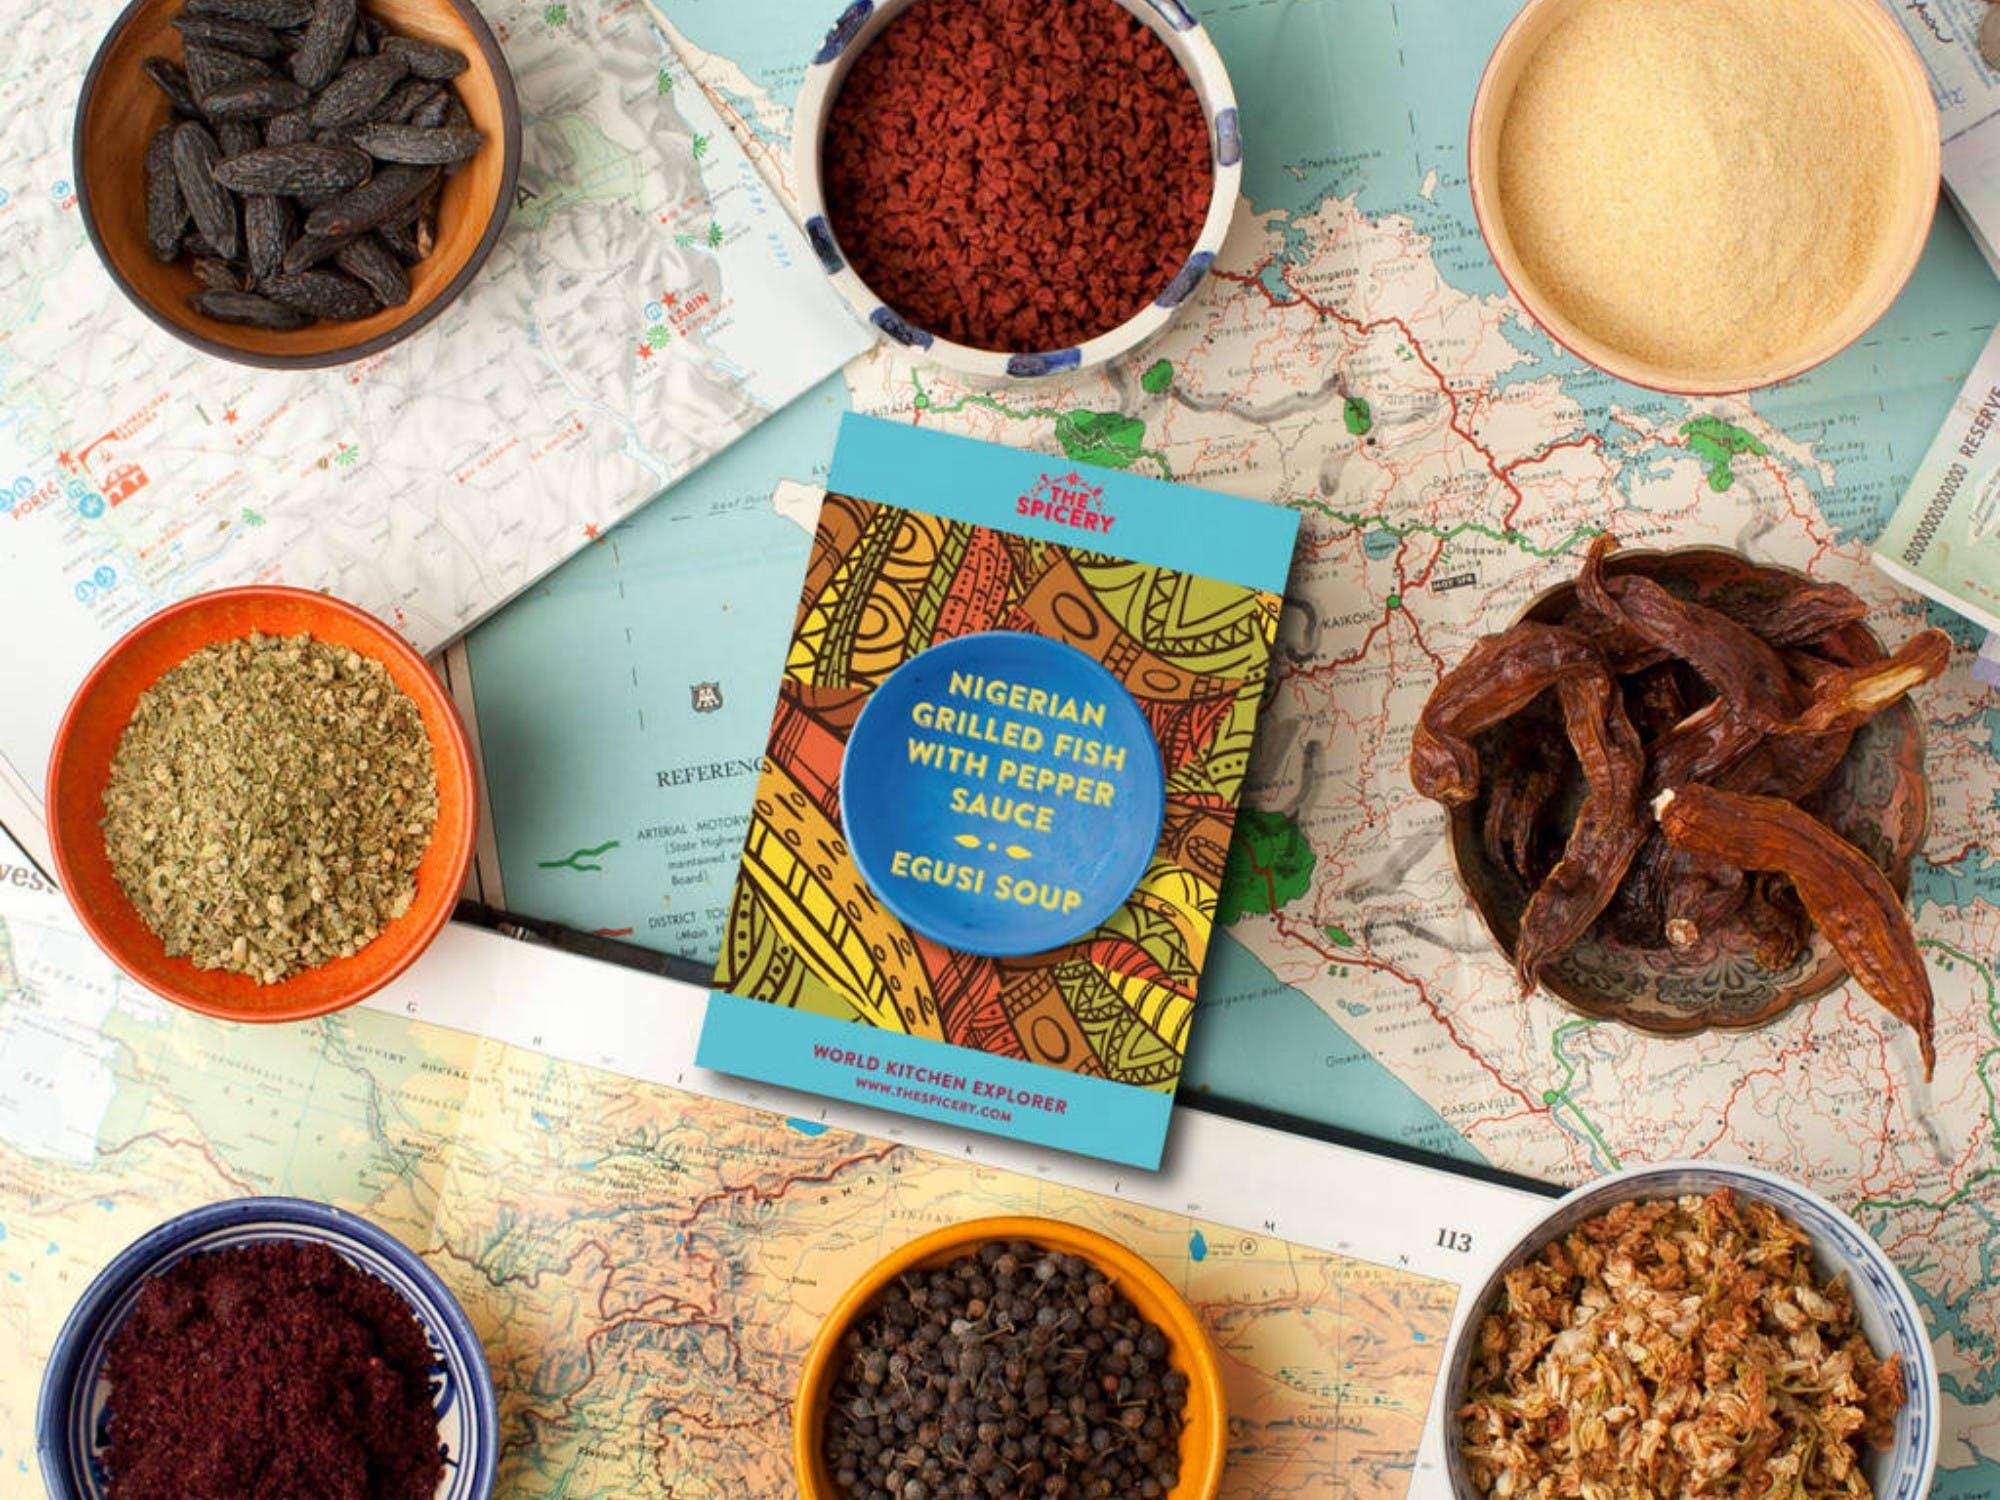 World Kitchen Explorer Spicebox